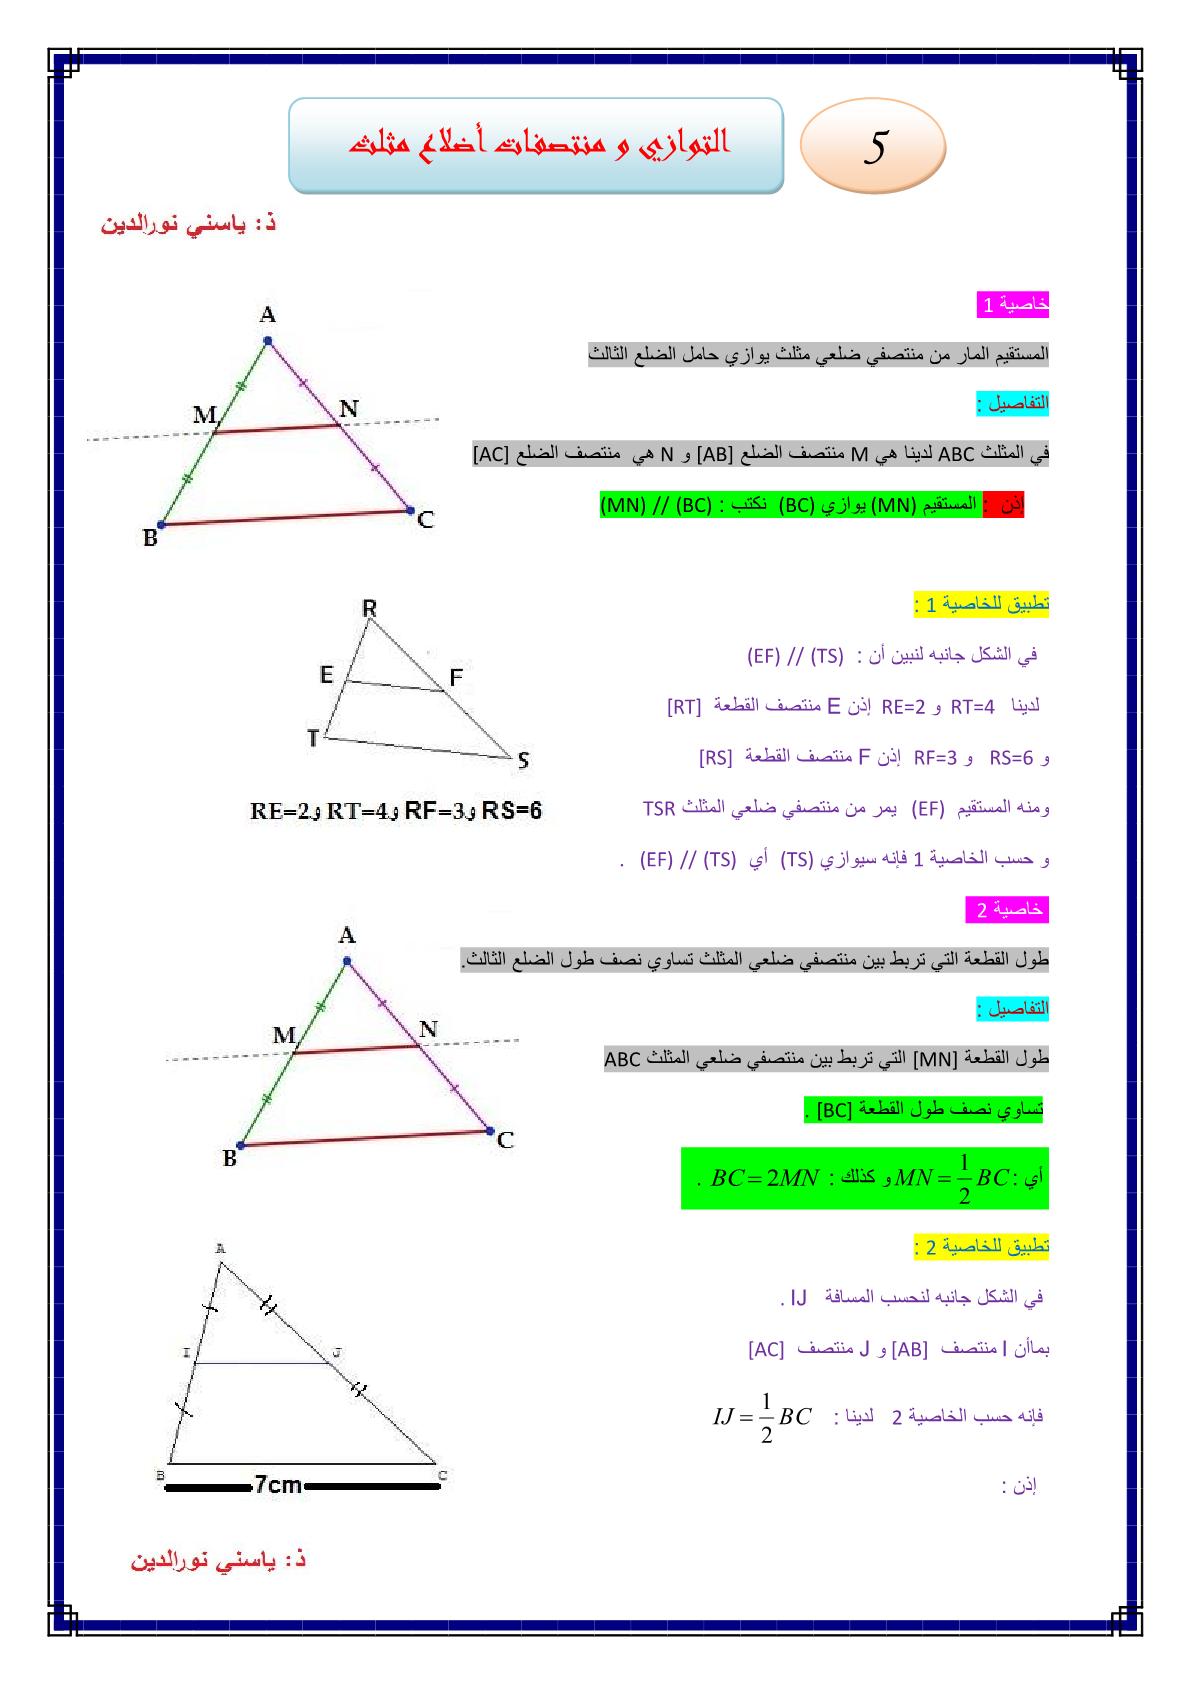 درس المستقيمات الموازية لأضلاع مثلث مادة الرياضيات للسنة الثانية اعدادي